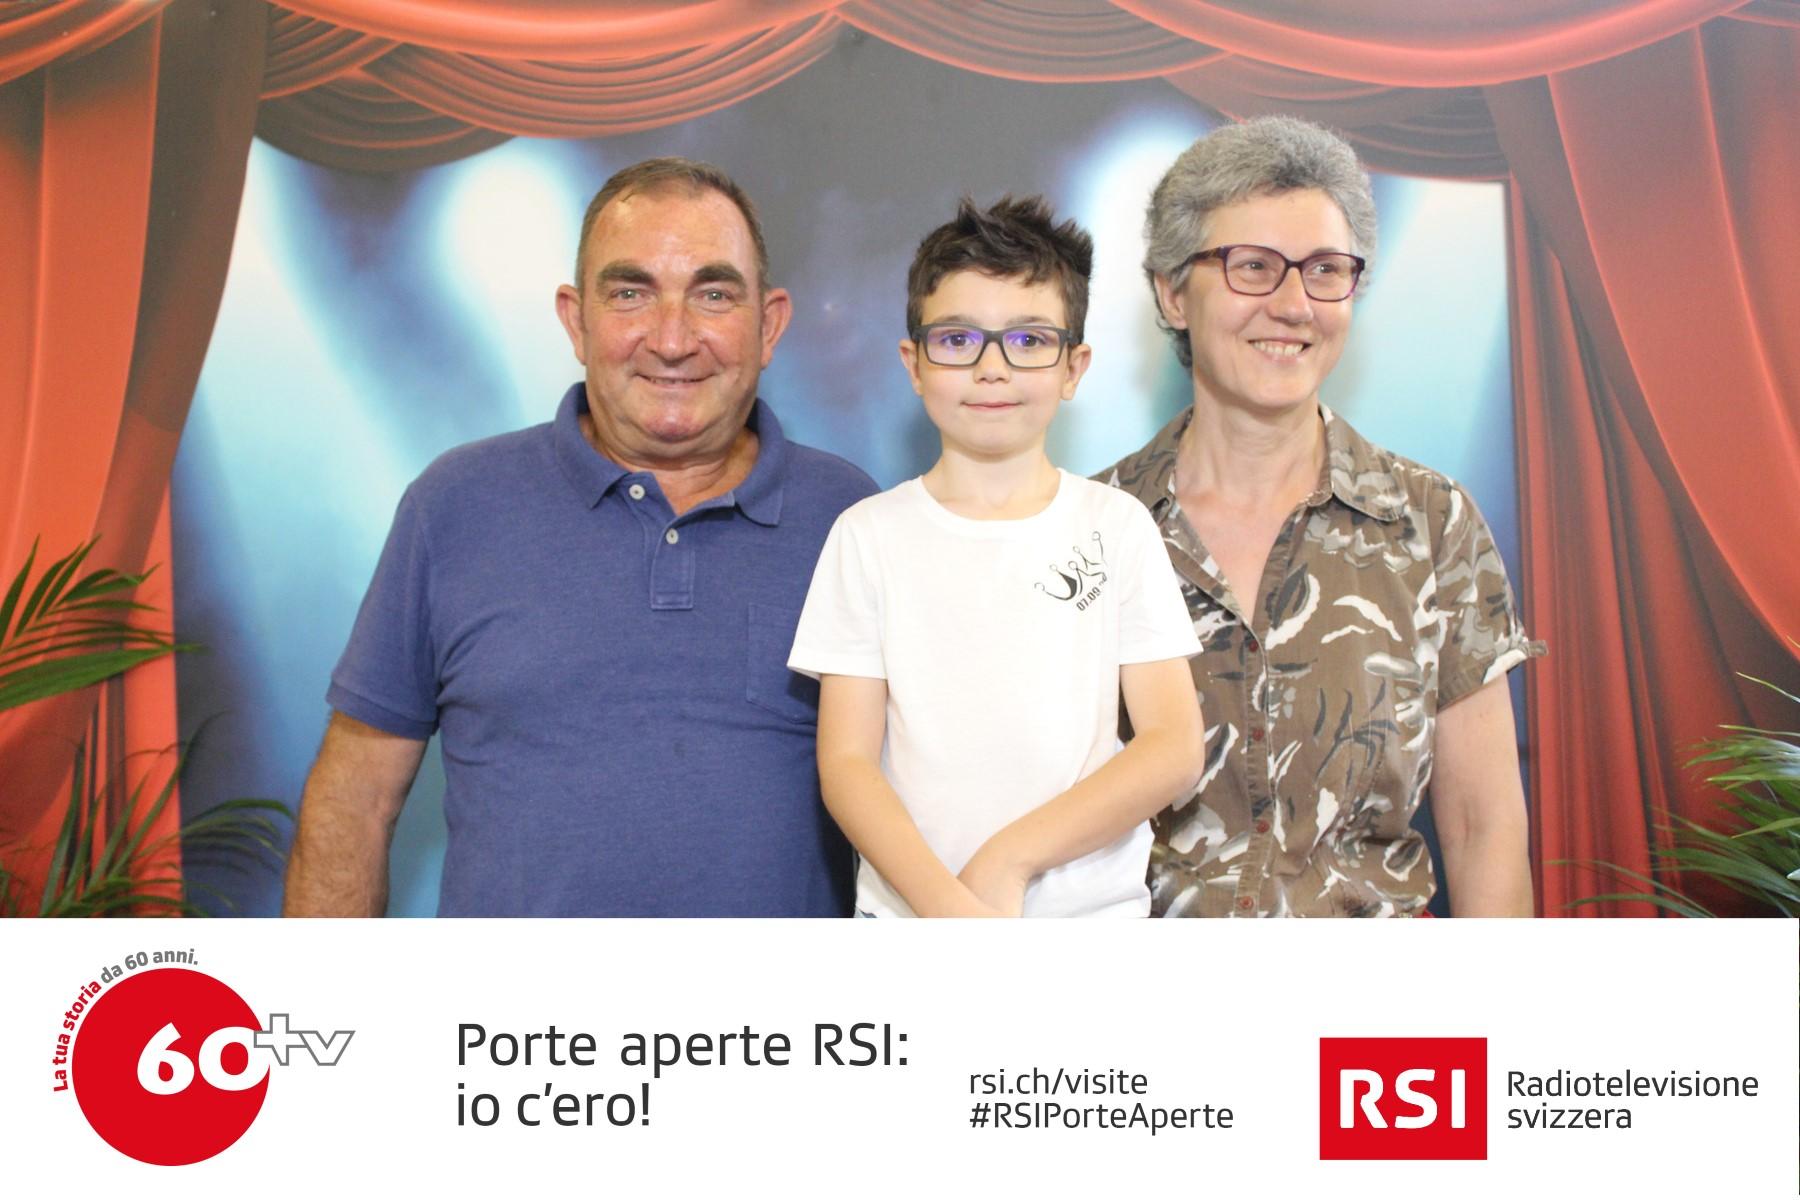 Rivedi tutte le foto scattate alle Porte aperte RSI su rsi.ch/visite #RSIPorteAperte. Foto: